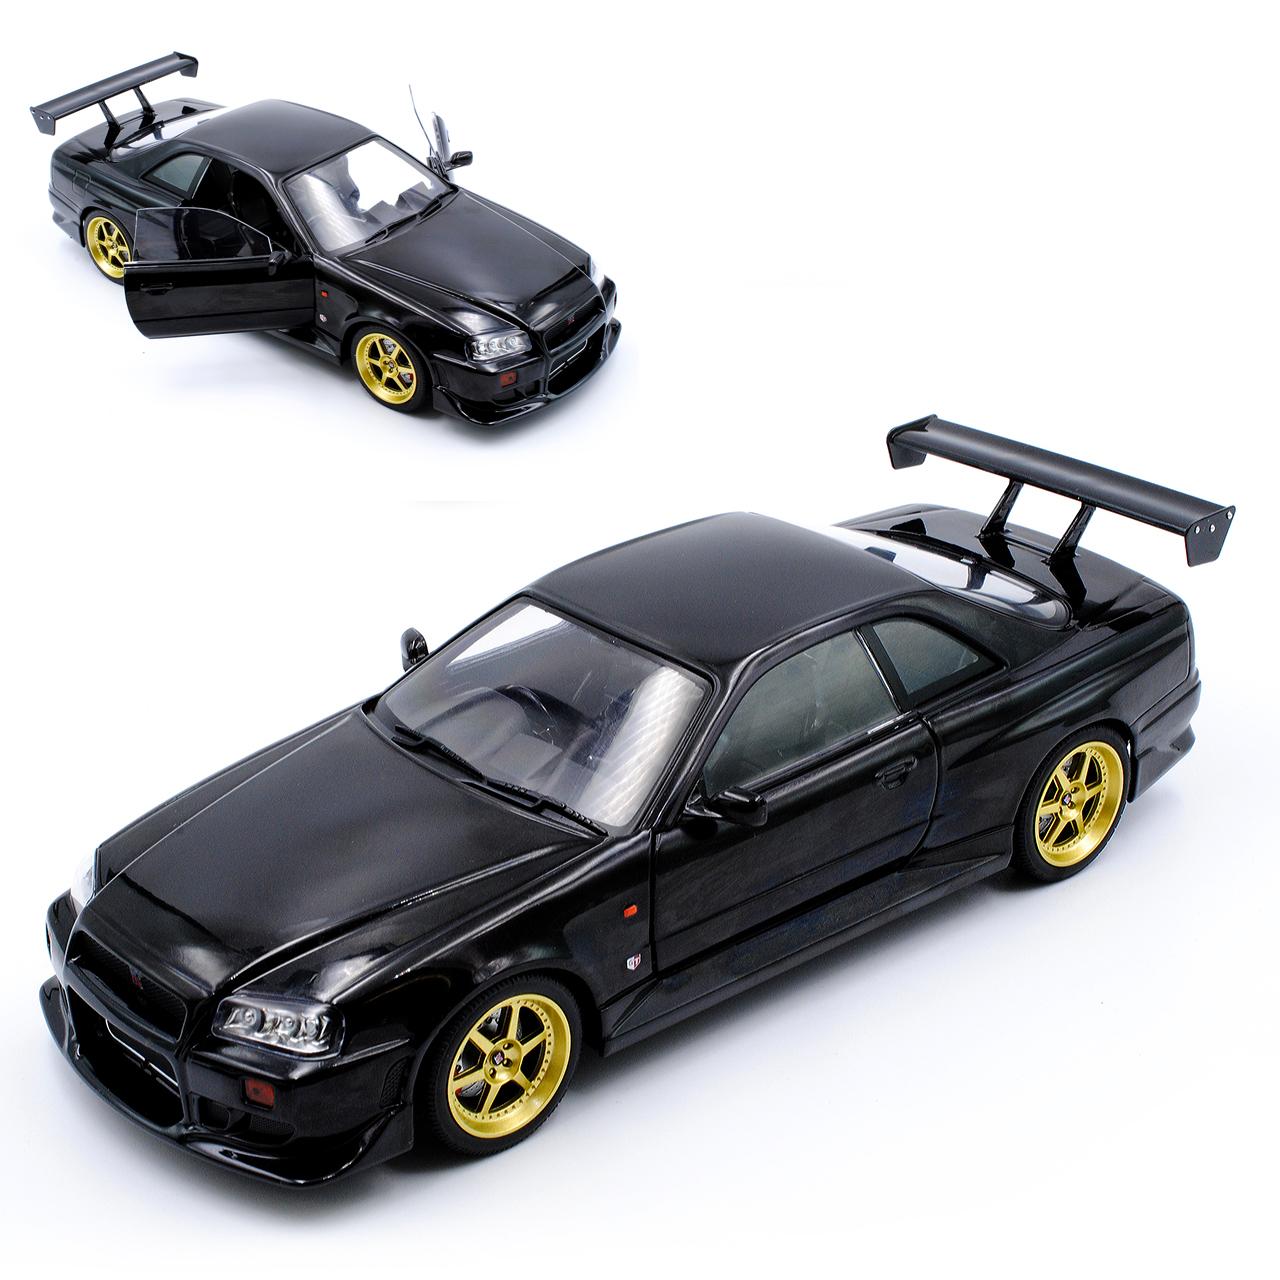 Nissan Skyline r34  GT-R Noir 1998-2002 1 18 vertlumière Modèle Voiture Avec ou...  plus d'ordre